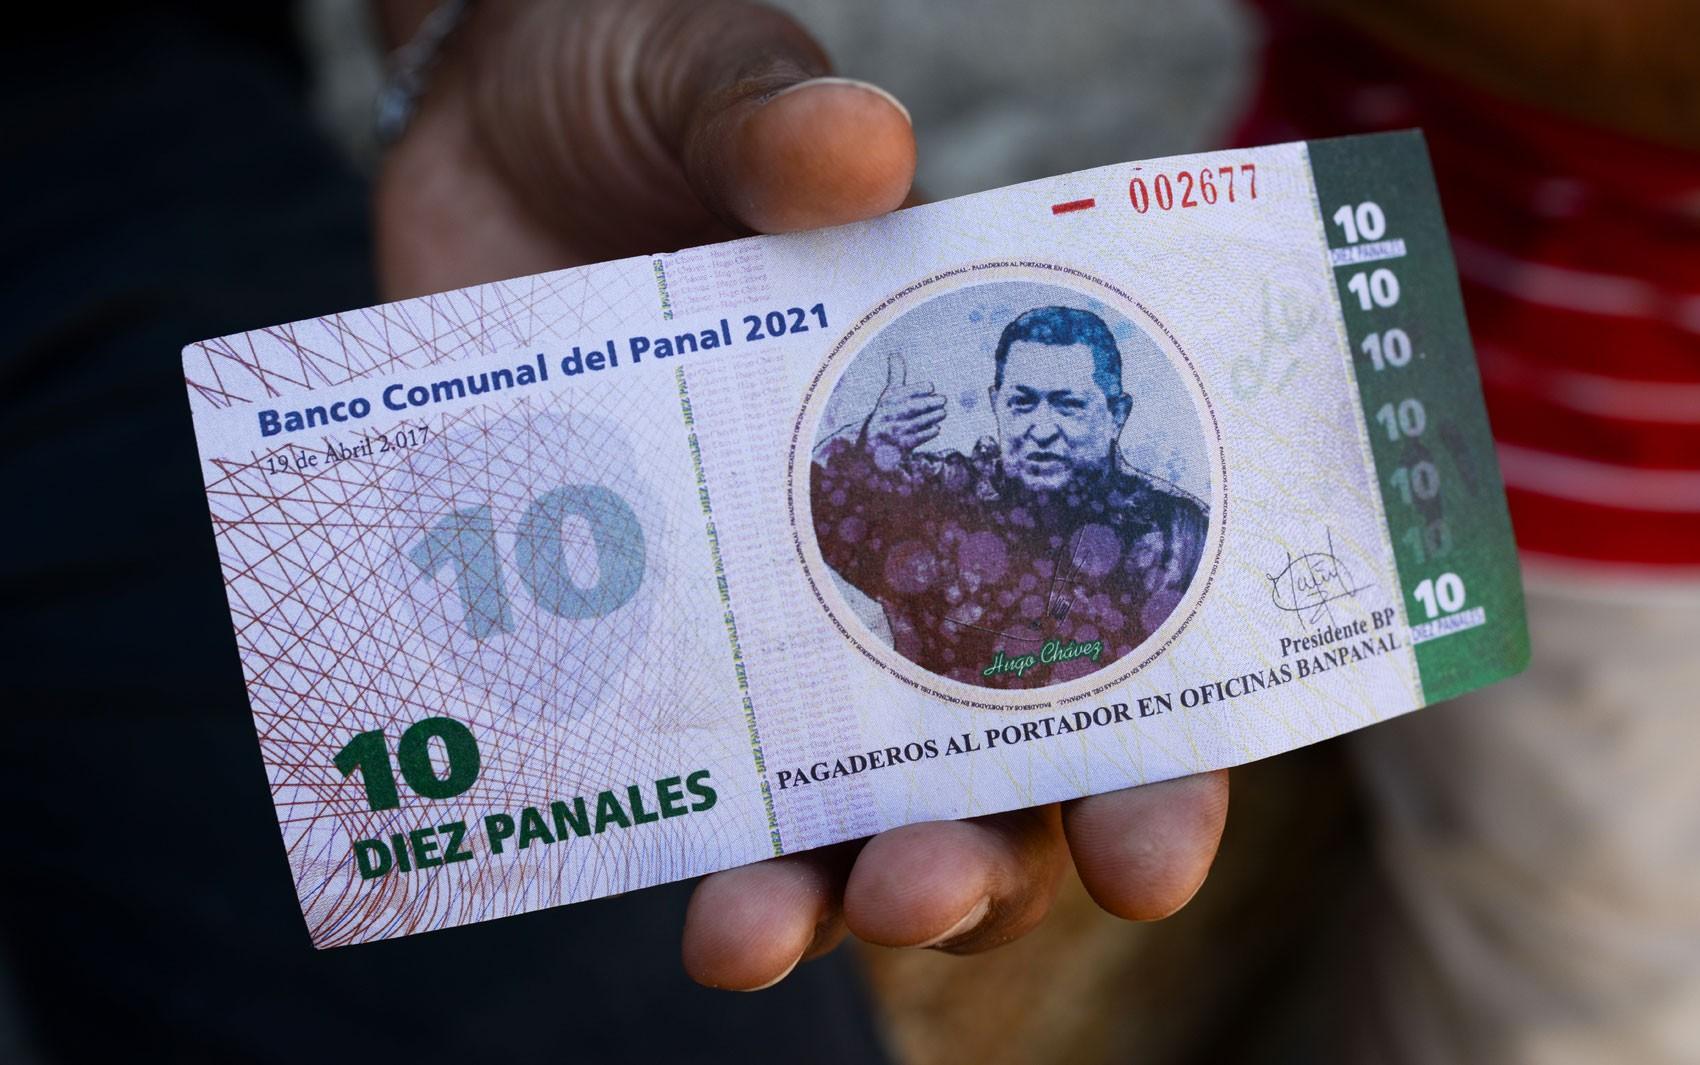 Bairro de Caracas cria moeda própria com imagem de Hugo Chávez